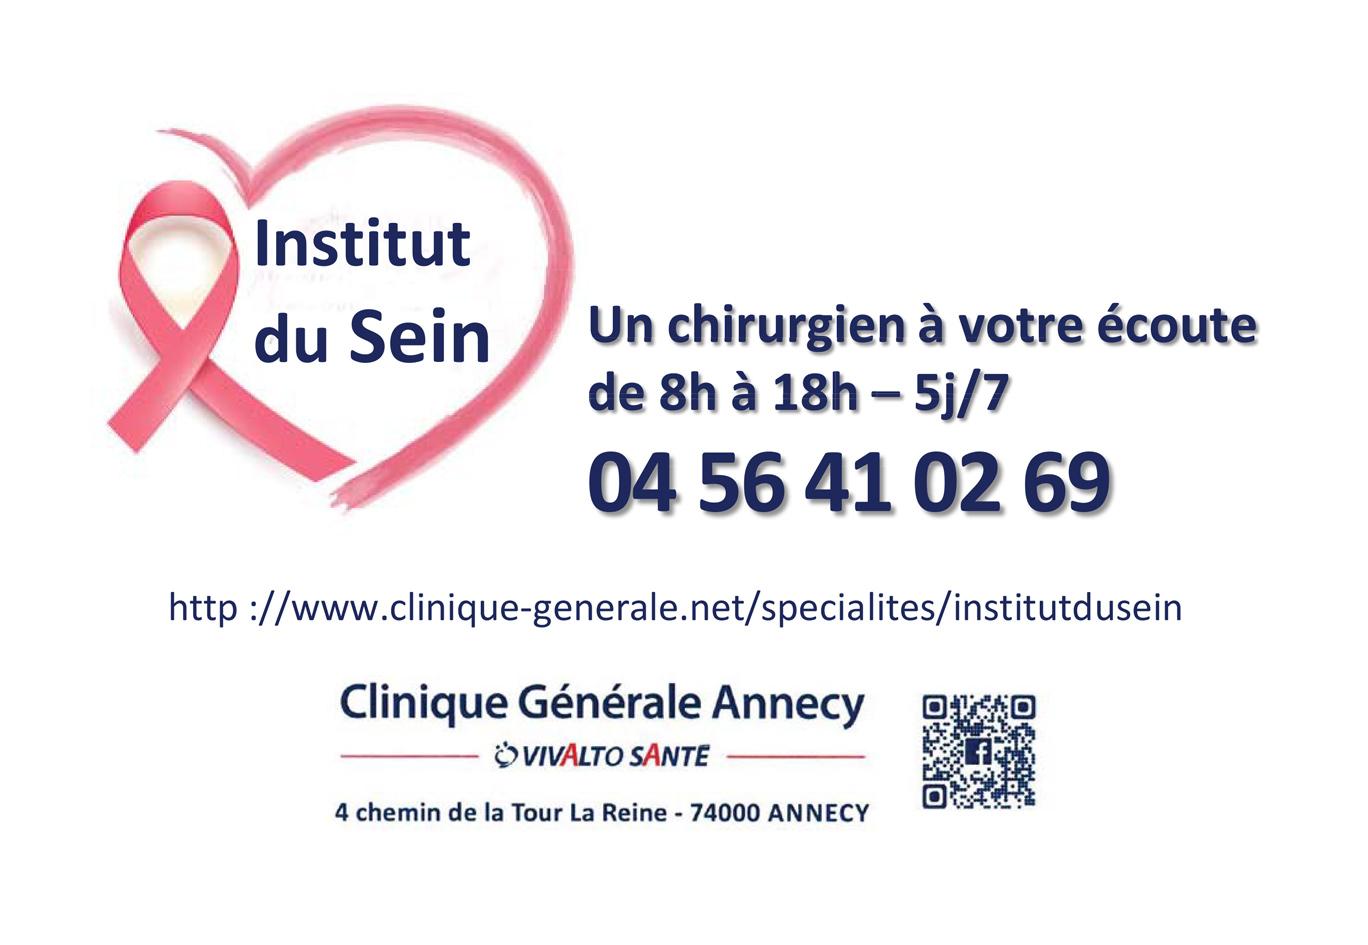 Institut du sein de la Clinique Générale d'Annecy